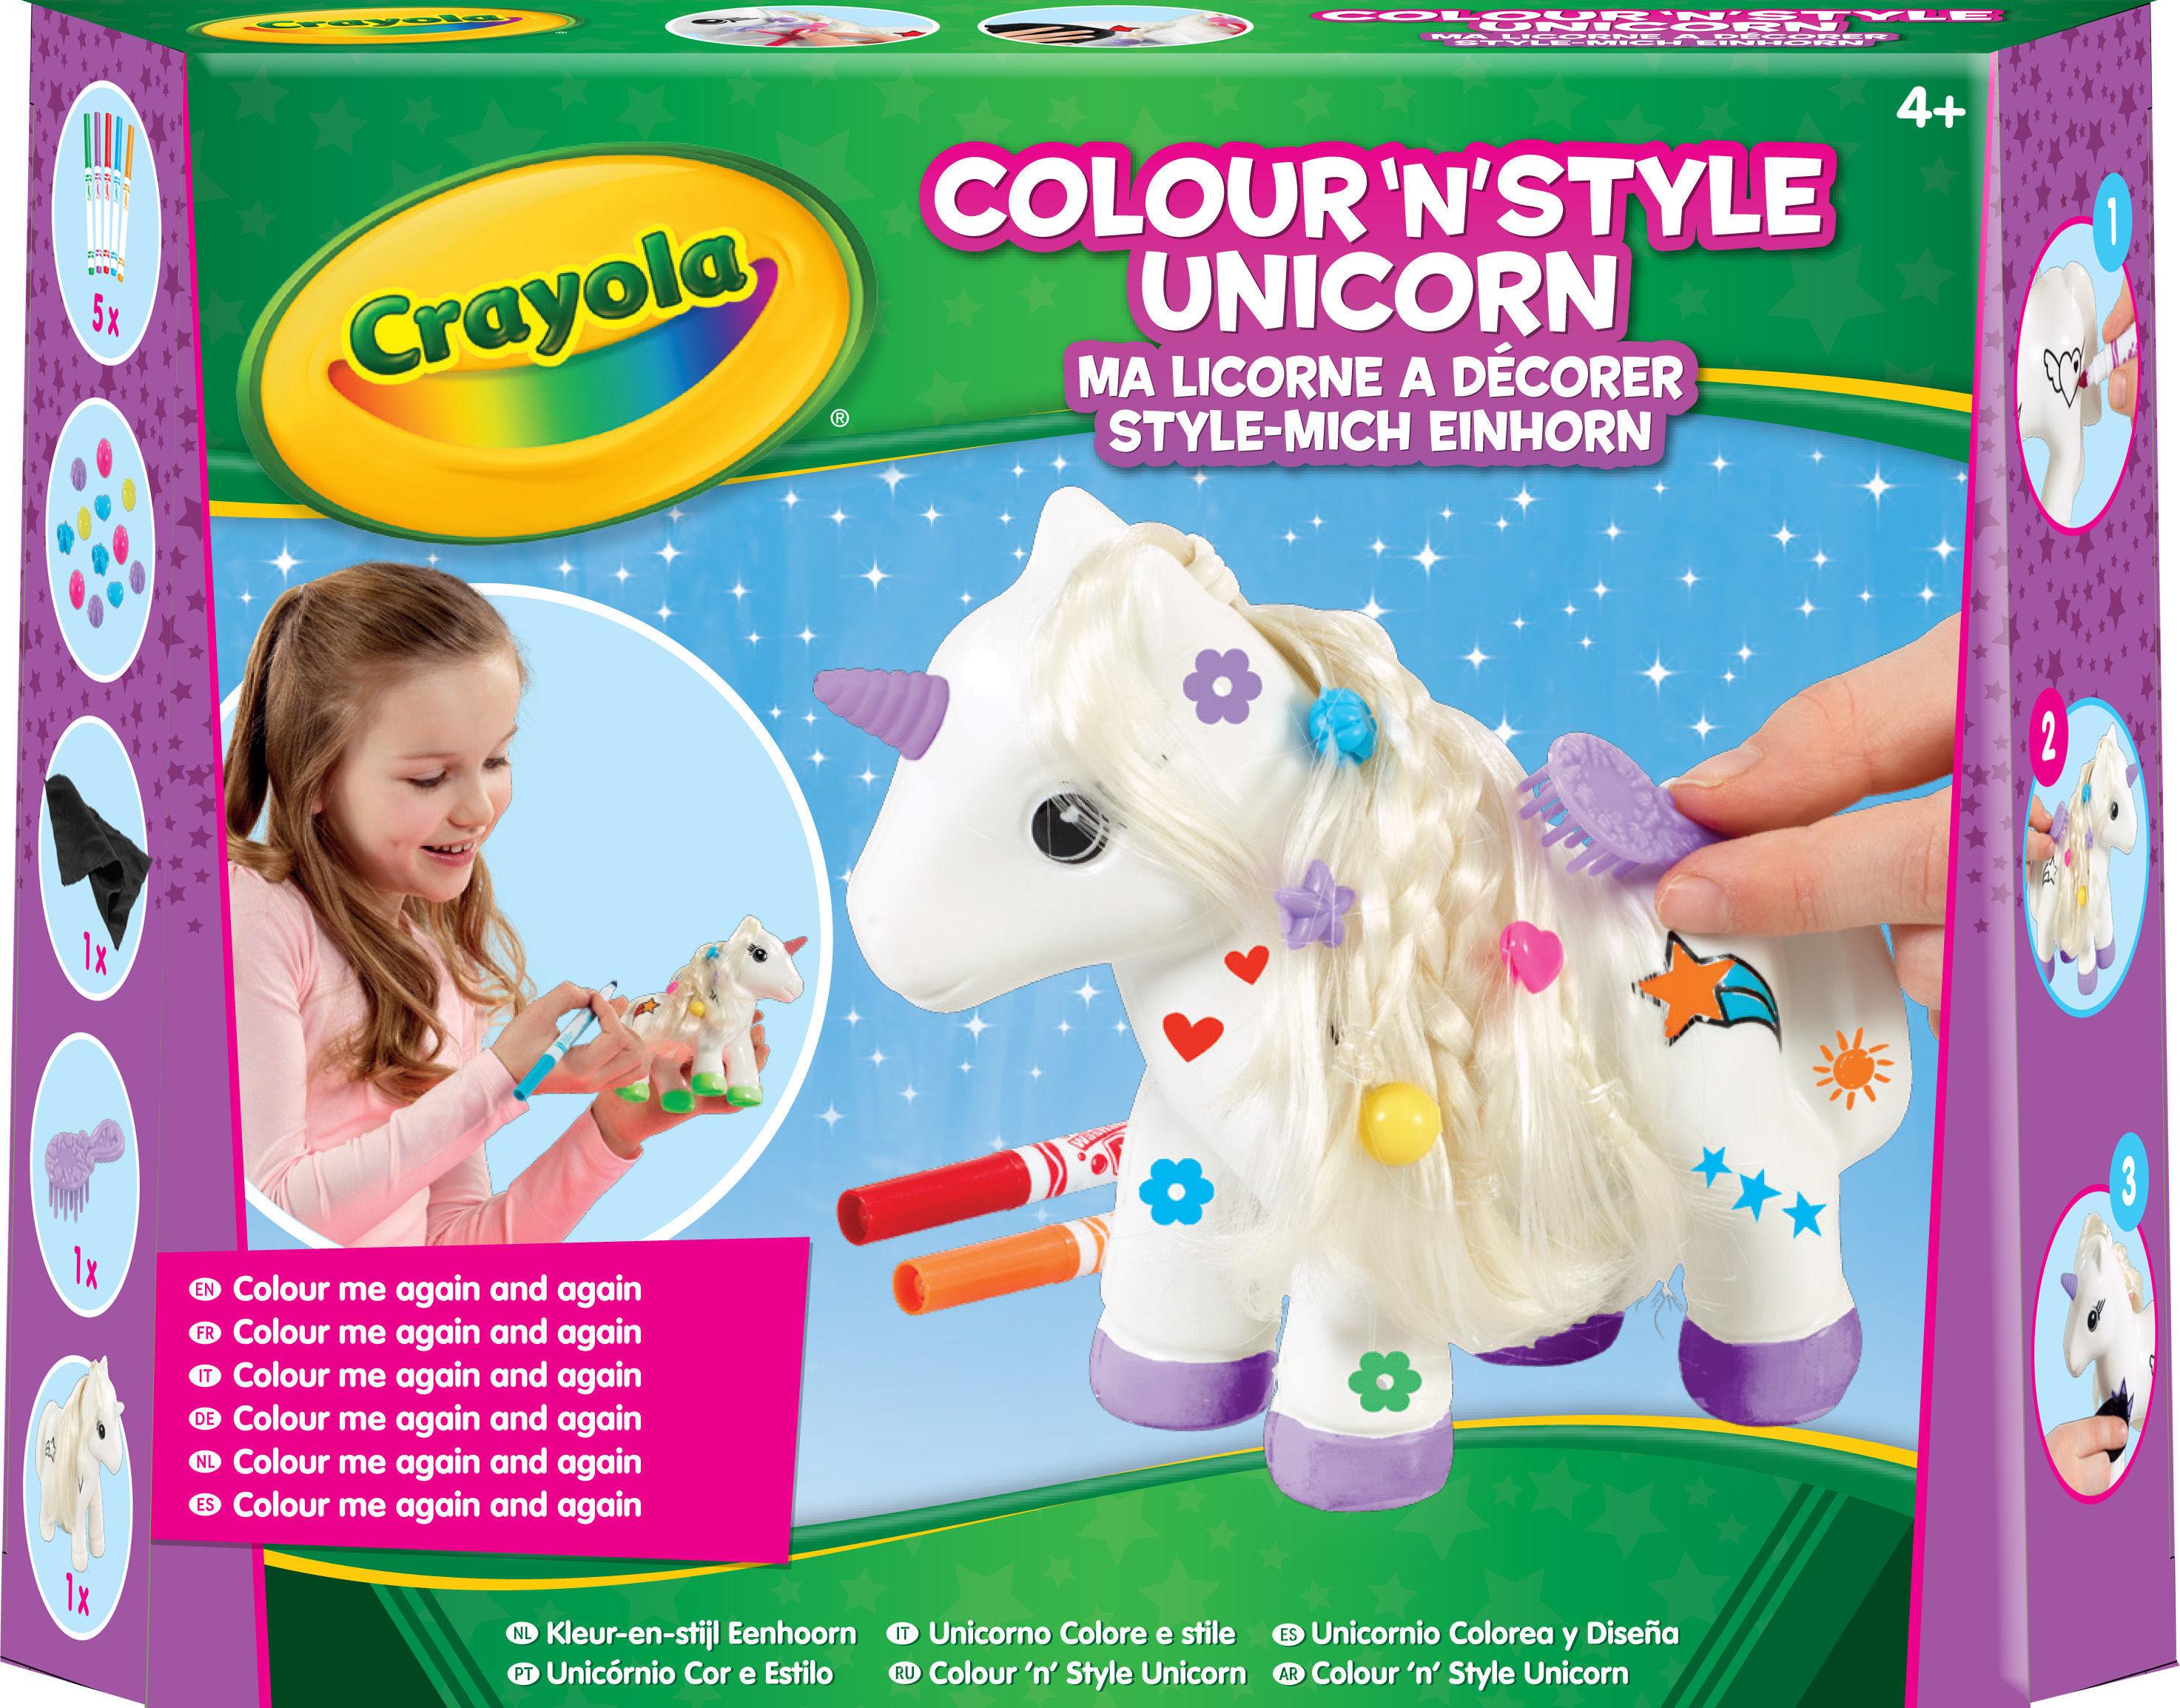 La licorne à décorer